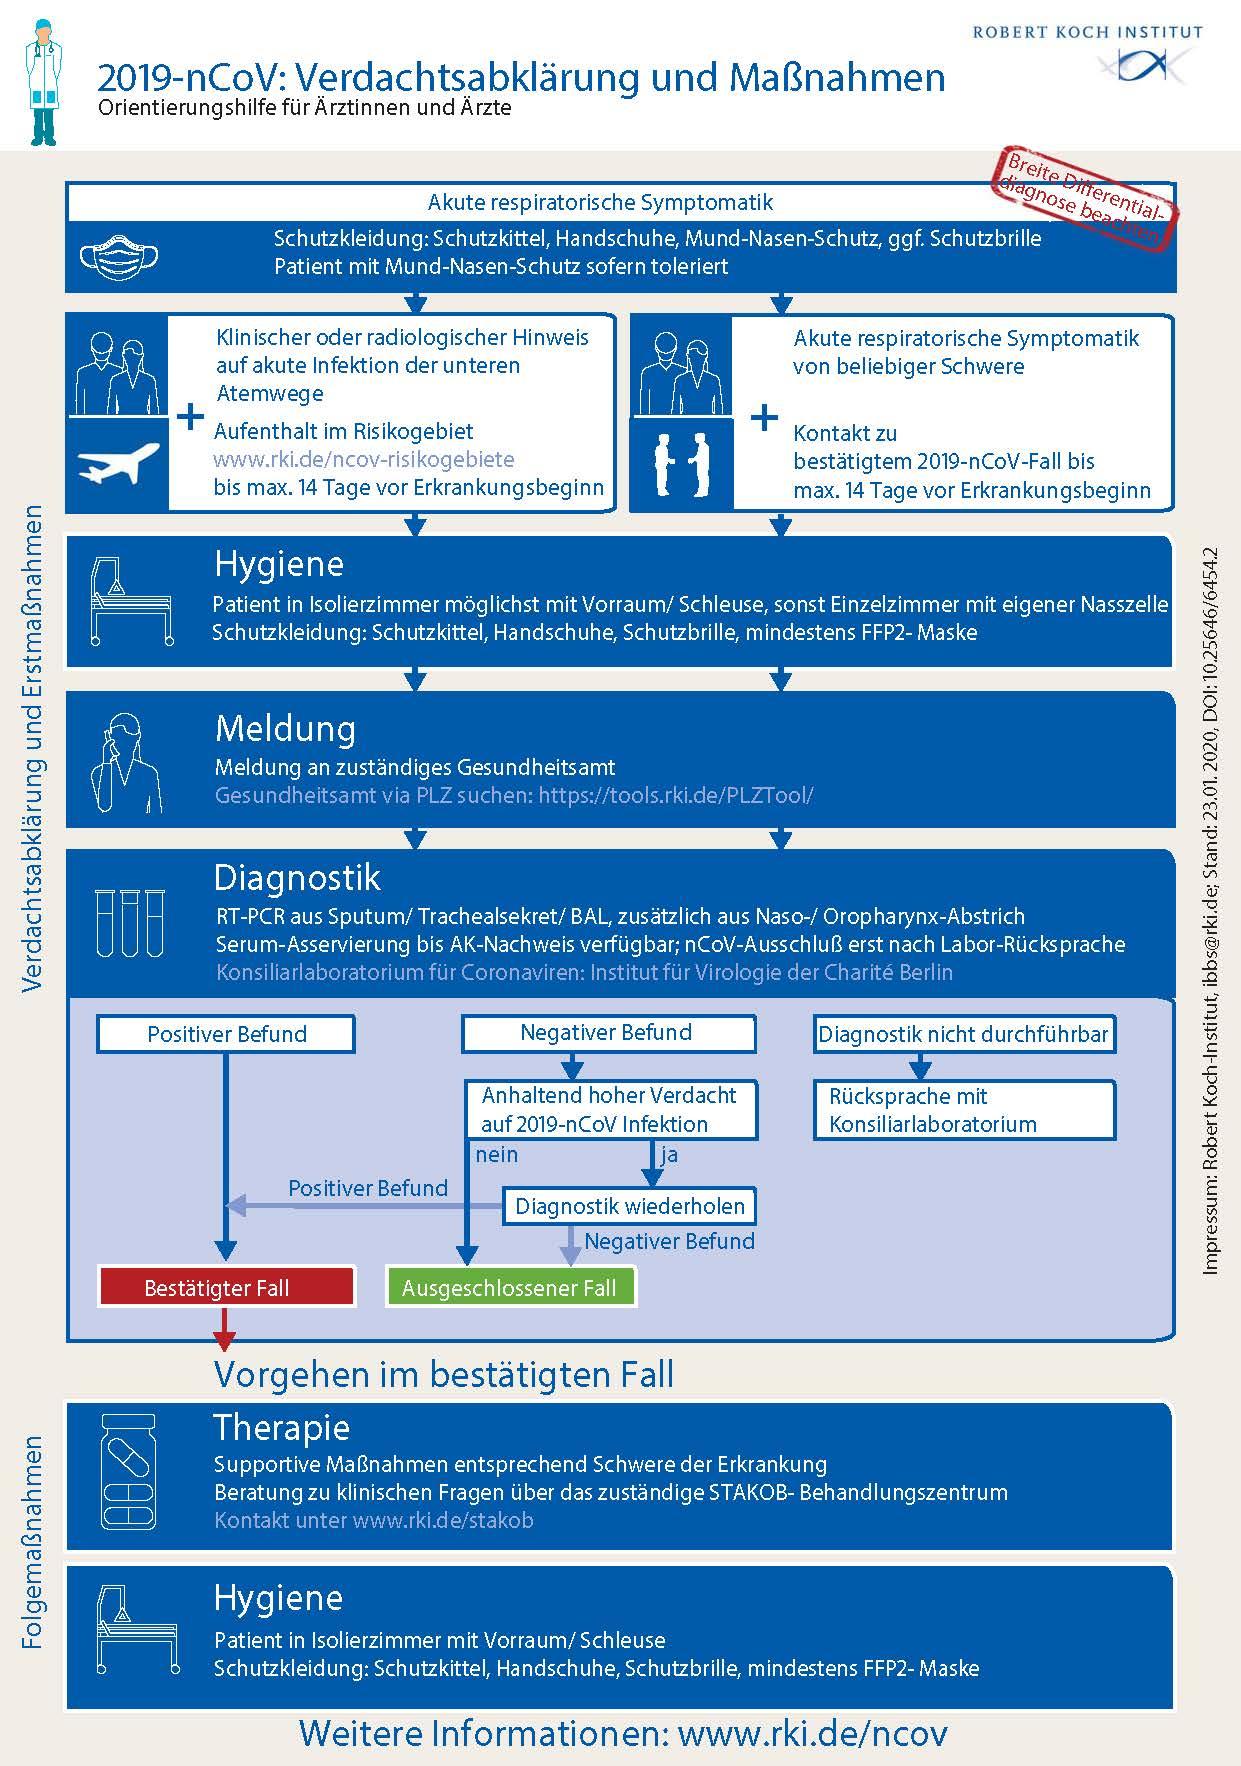 Coronavirus: Verdachtsabklärung und Maßnahmen